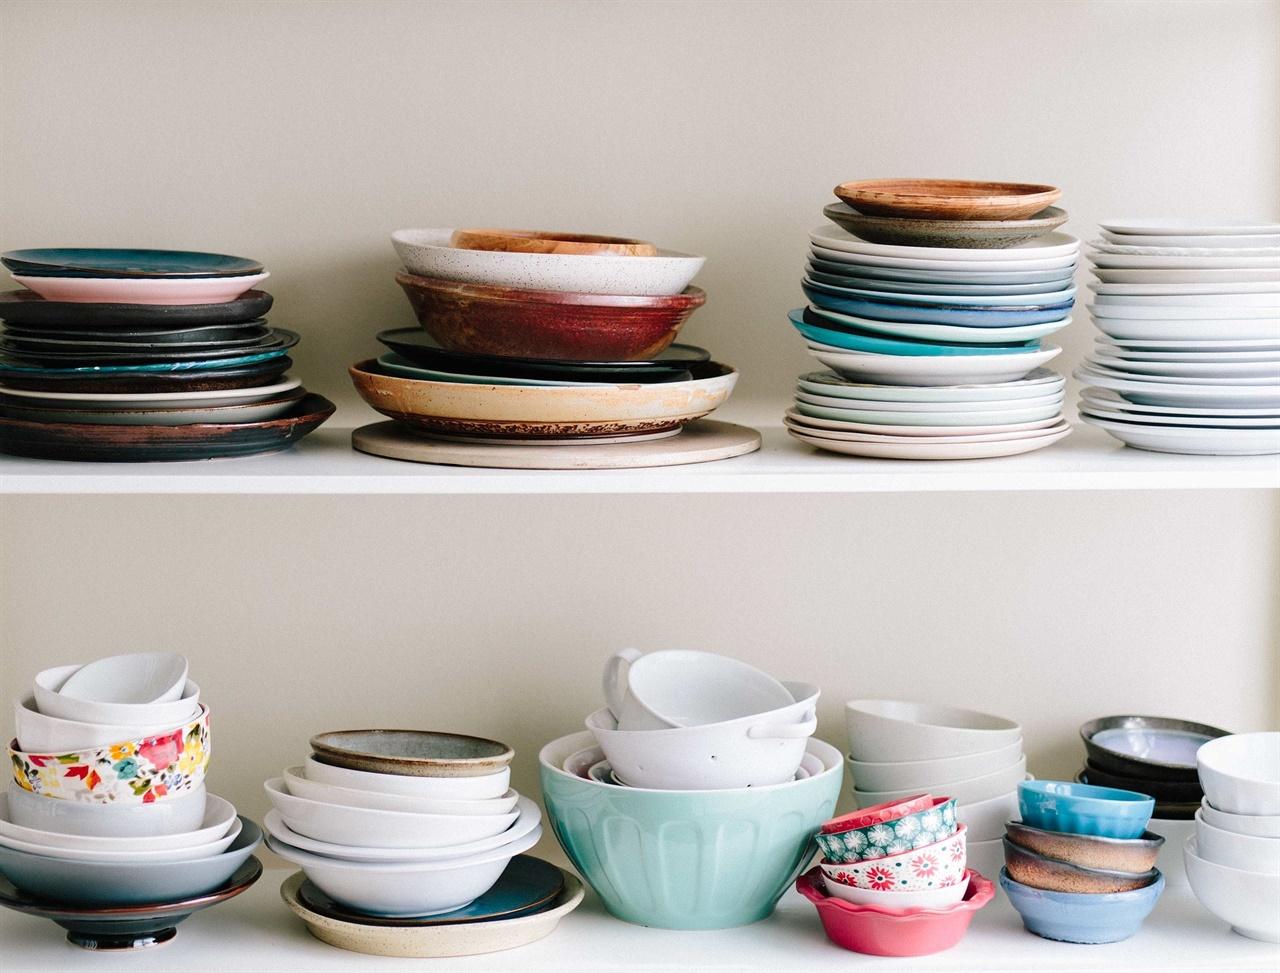 다양한 그릇들   3년전 이사를 할때 엄마는 오래된 낡은 그릇들을 모두 정리했다. 엄마의 삶을 떠올리게 하는 낡은 그릇들이 슬펐던 기억이 난다. 여자들에게 그릇은 어떤 의미일까. 엄마에게 어떤 의미일까.